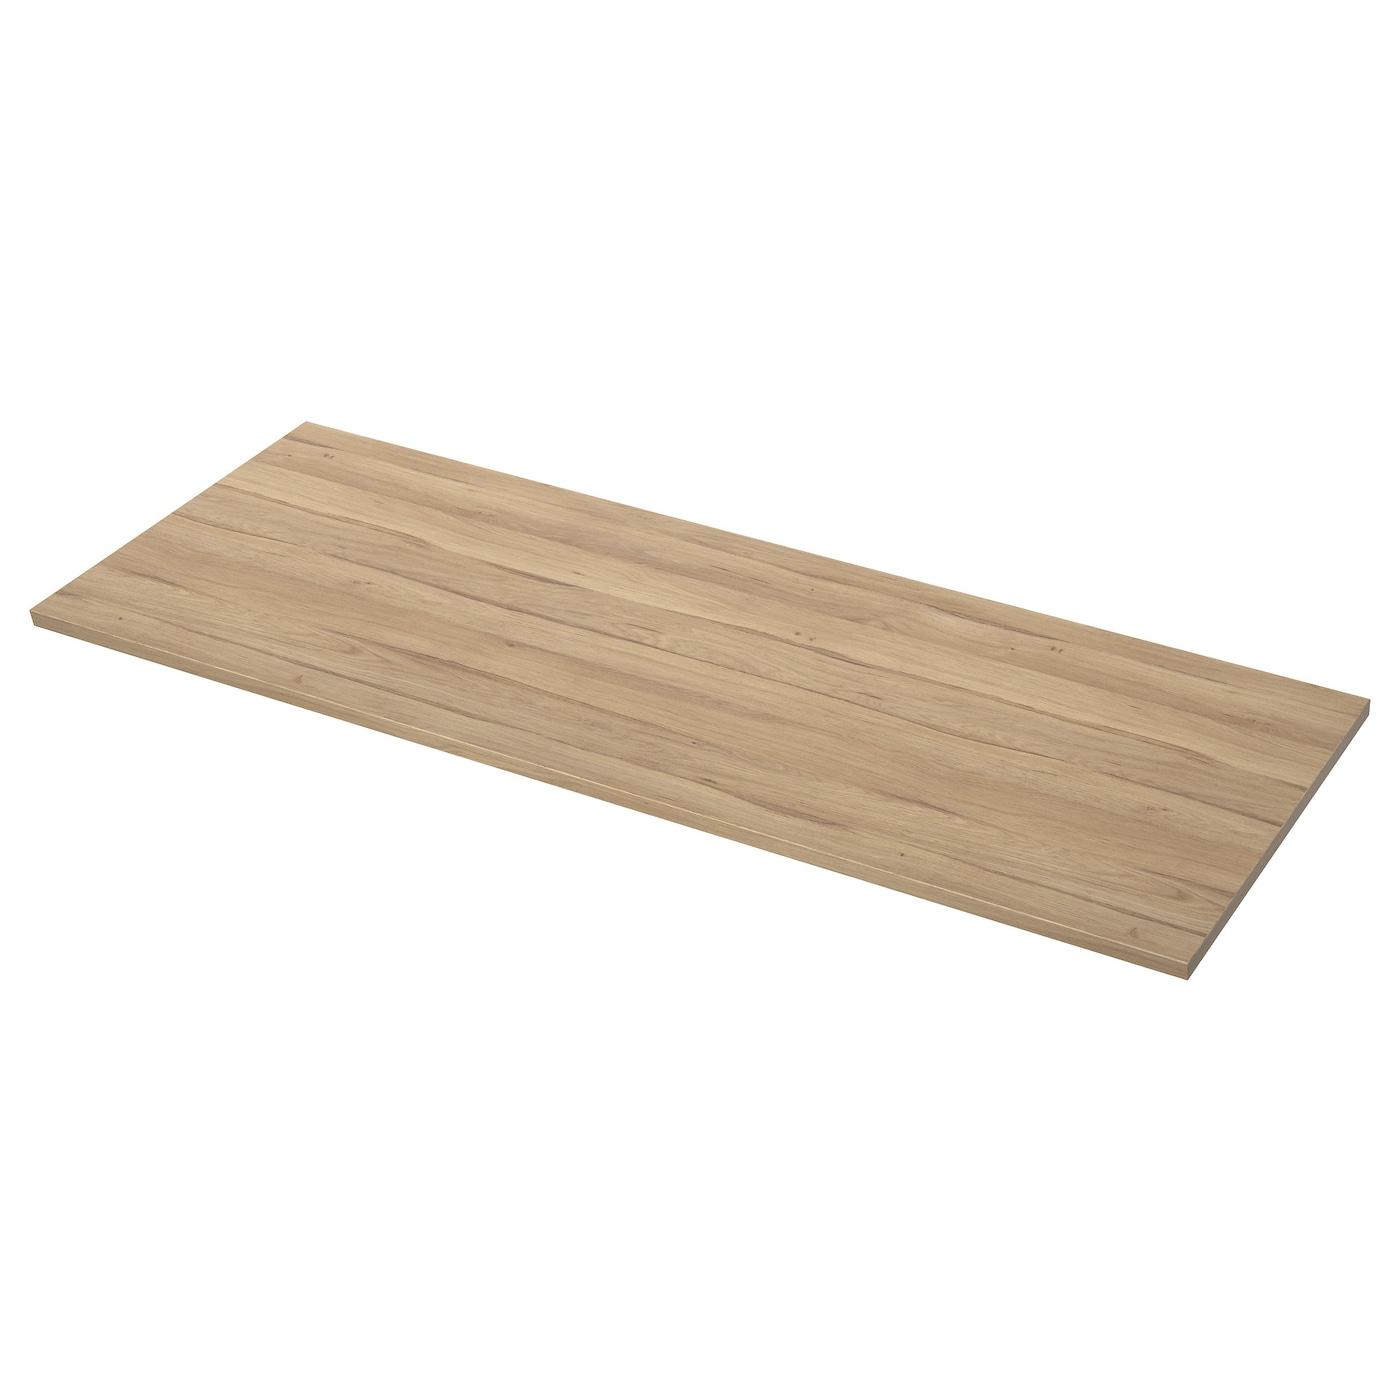 Full Size of Arbeitsplatte Betonoptik Ikea Ekbacken Eichenachbildung Hell Küche Arbeitsplatten Kosten Modulküche Bad Kaufen Betten Bei Miniküche Sofa Mit Schlaffunktion Wohnzimmer Arbeitsplatte Betonoptik Ikea